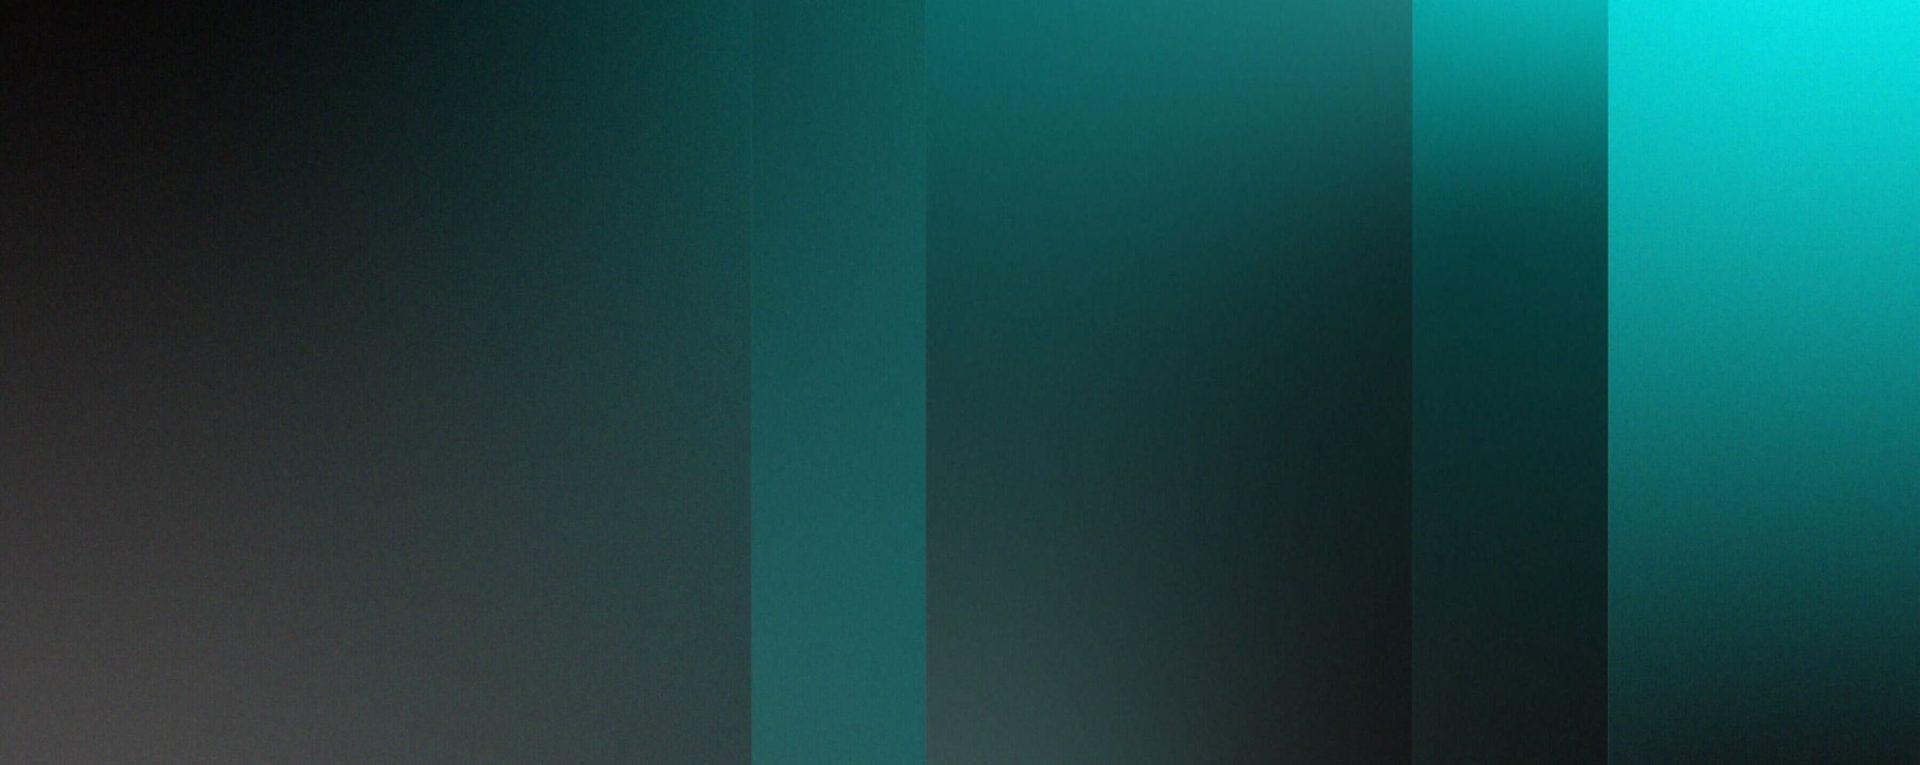 kontakt background desktop